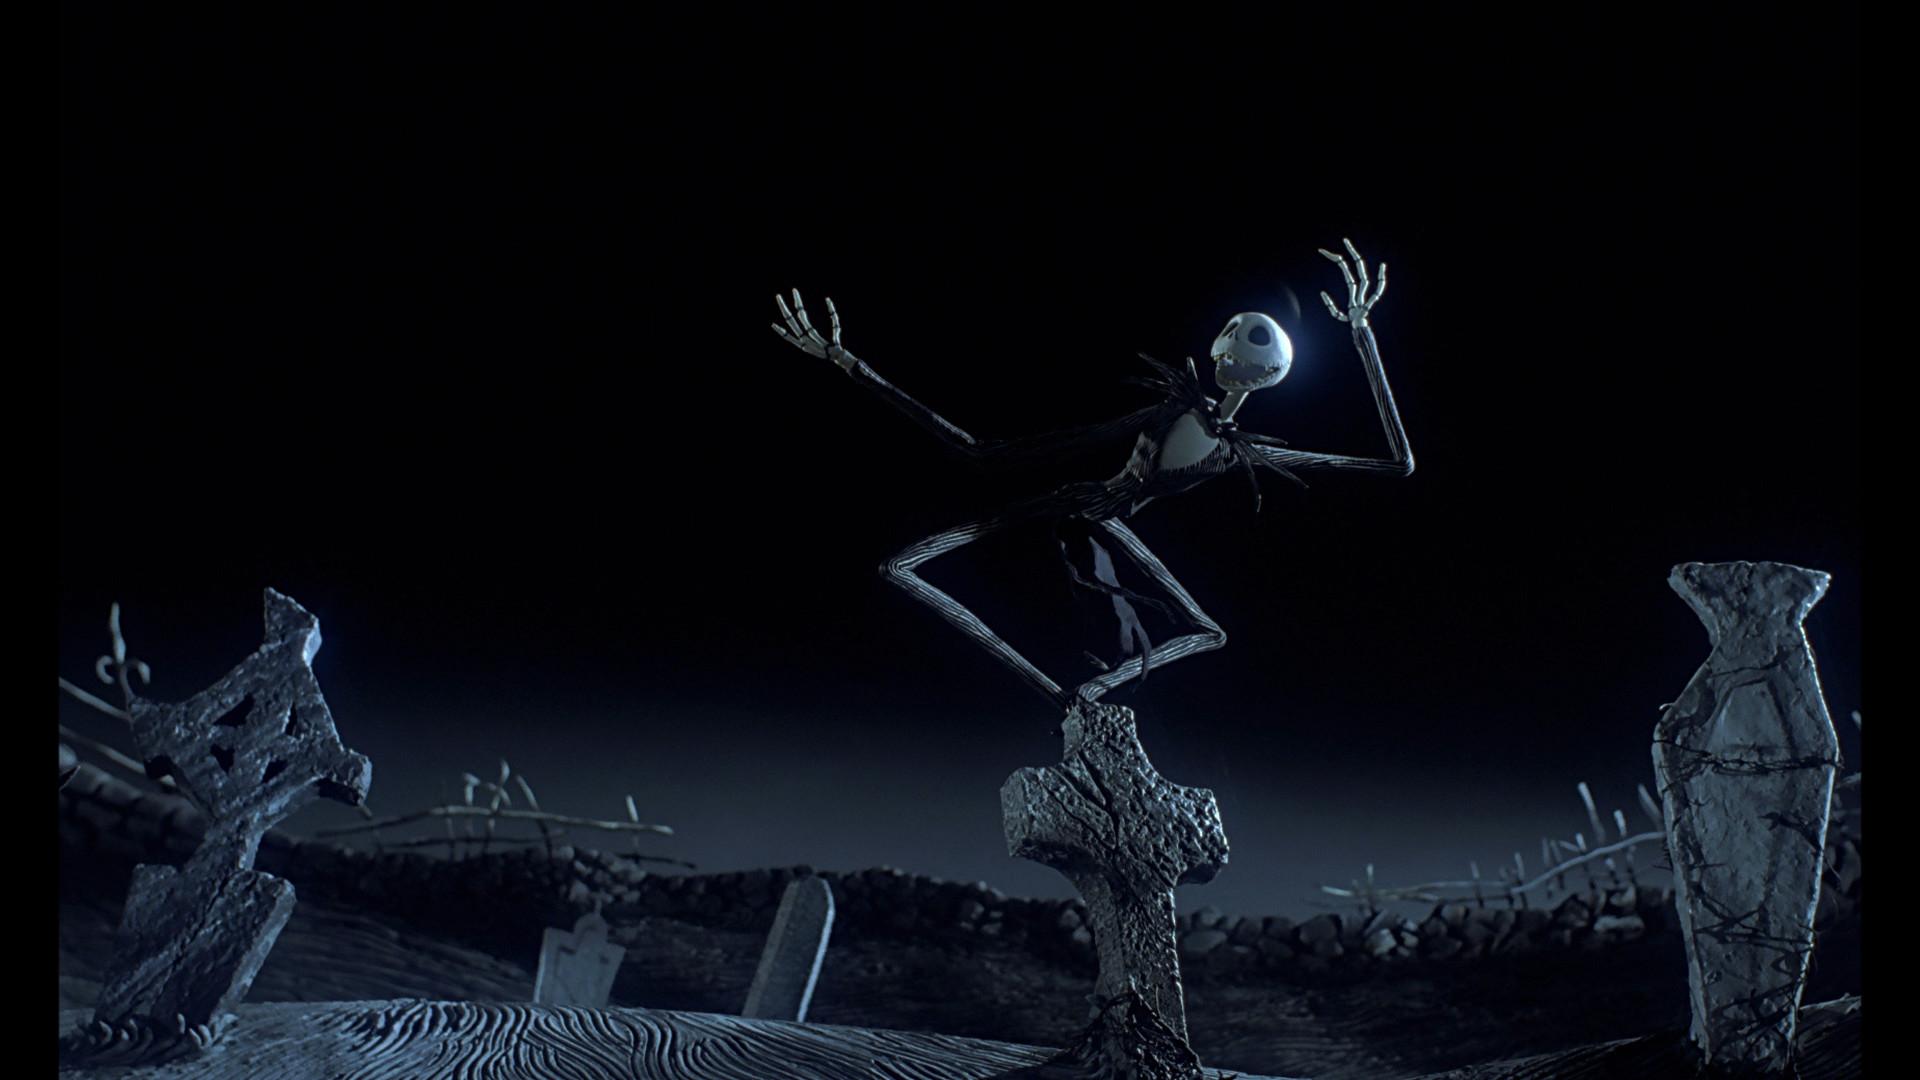 Jack the Skeleton Wallpaper (67+ images)